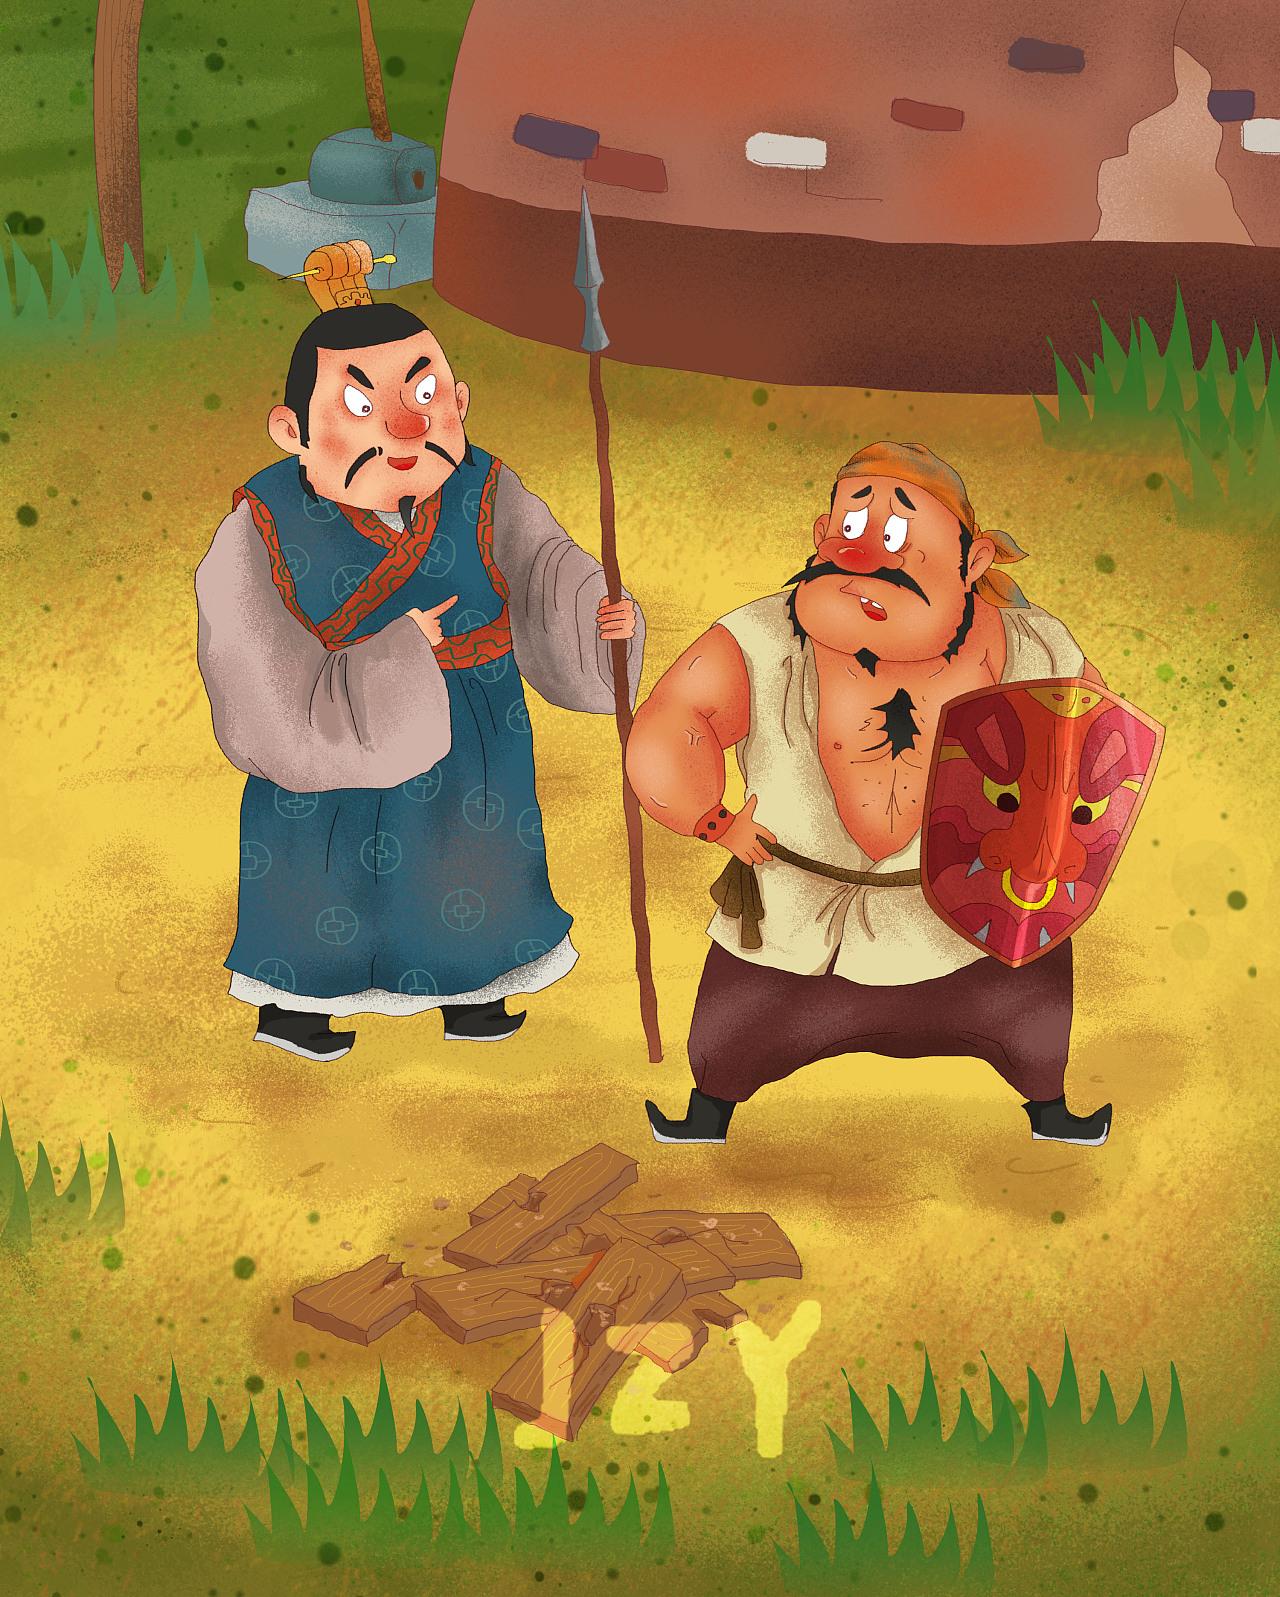 司马光砸缸的故事_凯叔365夜(故事插图)|插画|儿童插画|JZY09 - 原创作品 - 站酷 (ZCOOL)